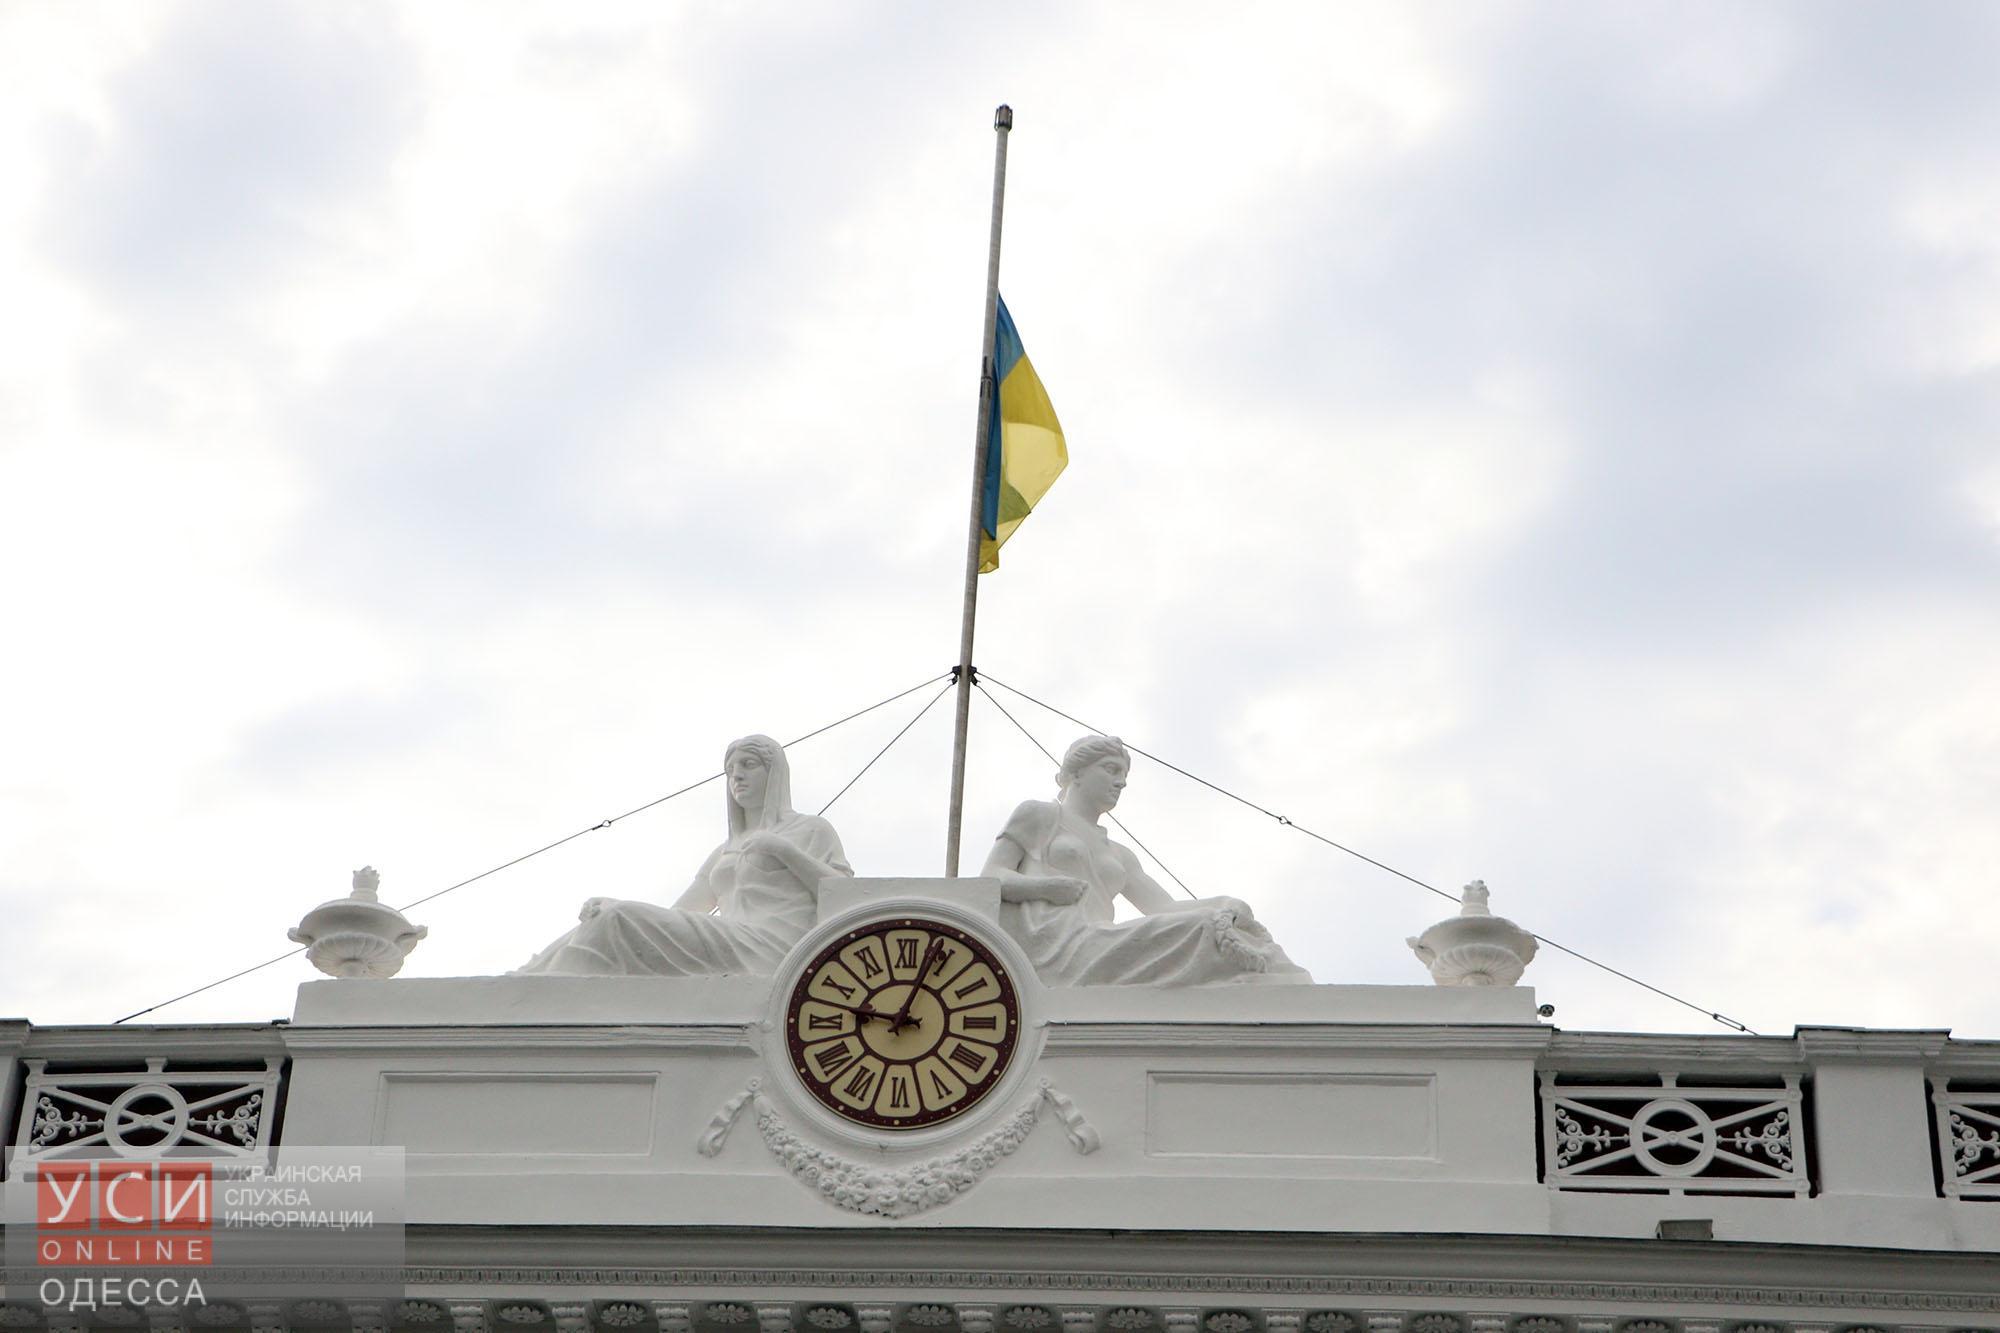 На Думской состоялось торжественно поднятие флага (фото)